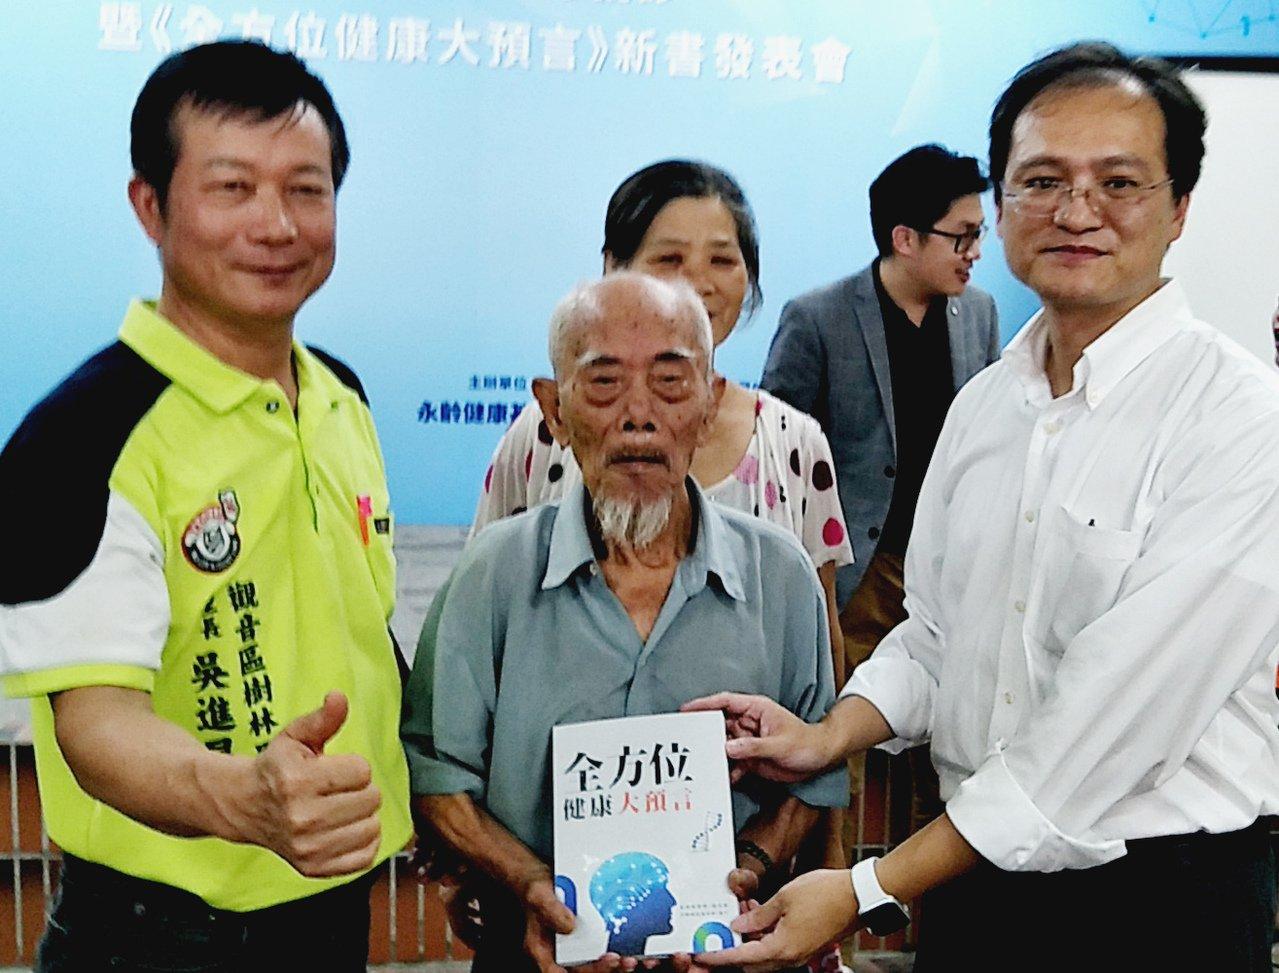 永齡健康基金會執行長陳基宏(右一)代表贈送「全方位健康大預言」新書,由高齡94歲...